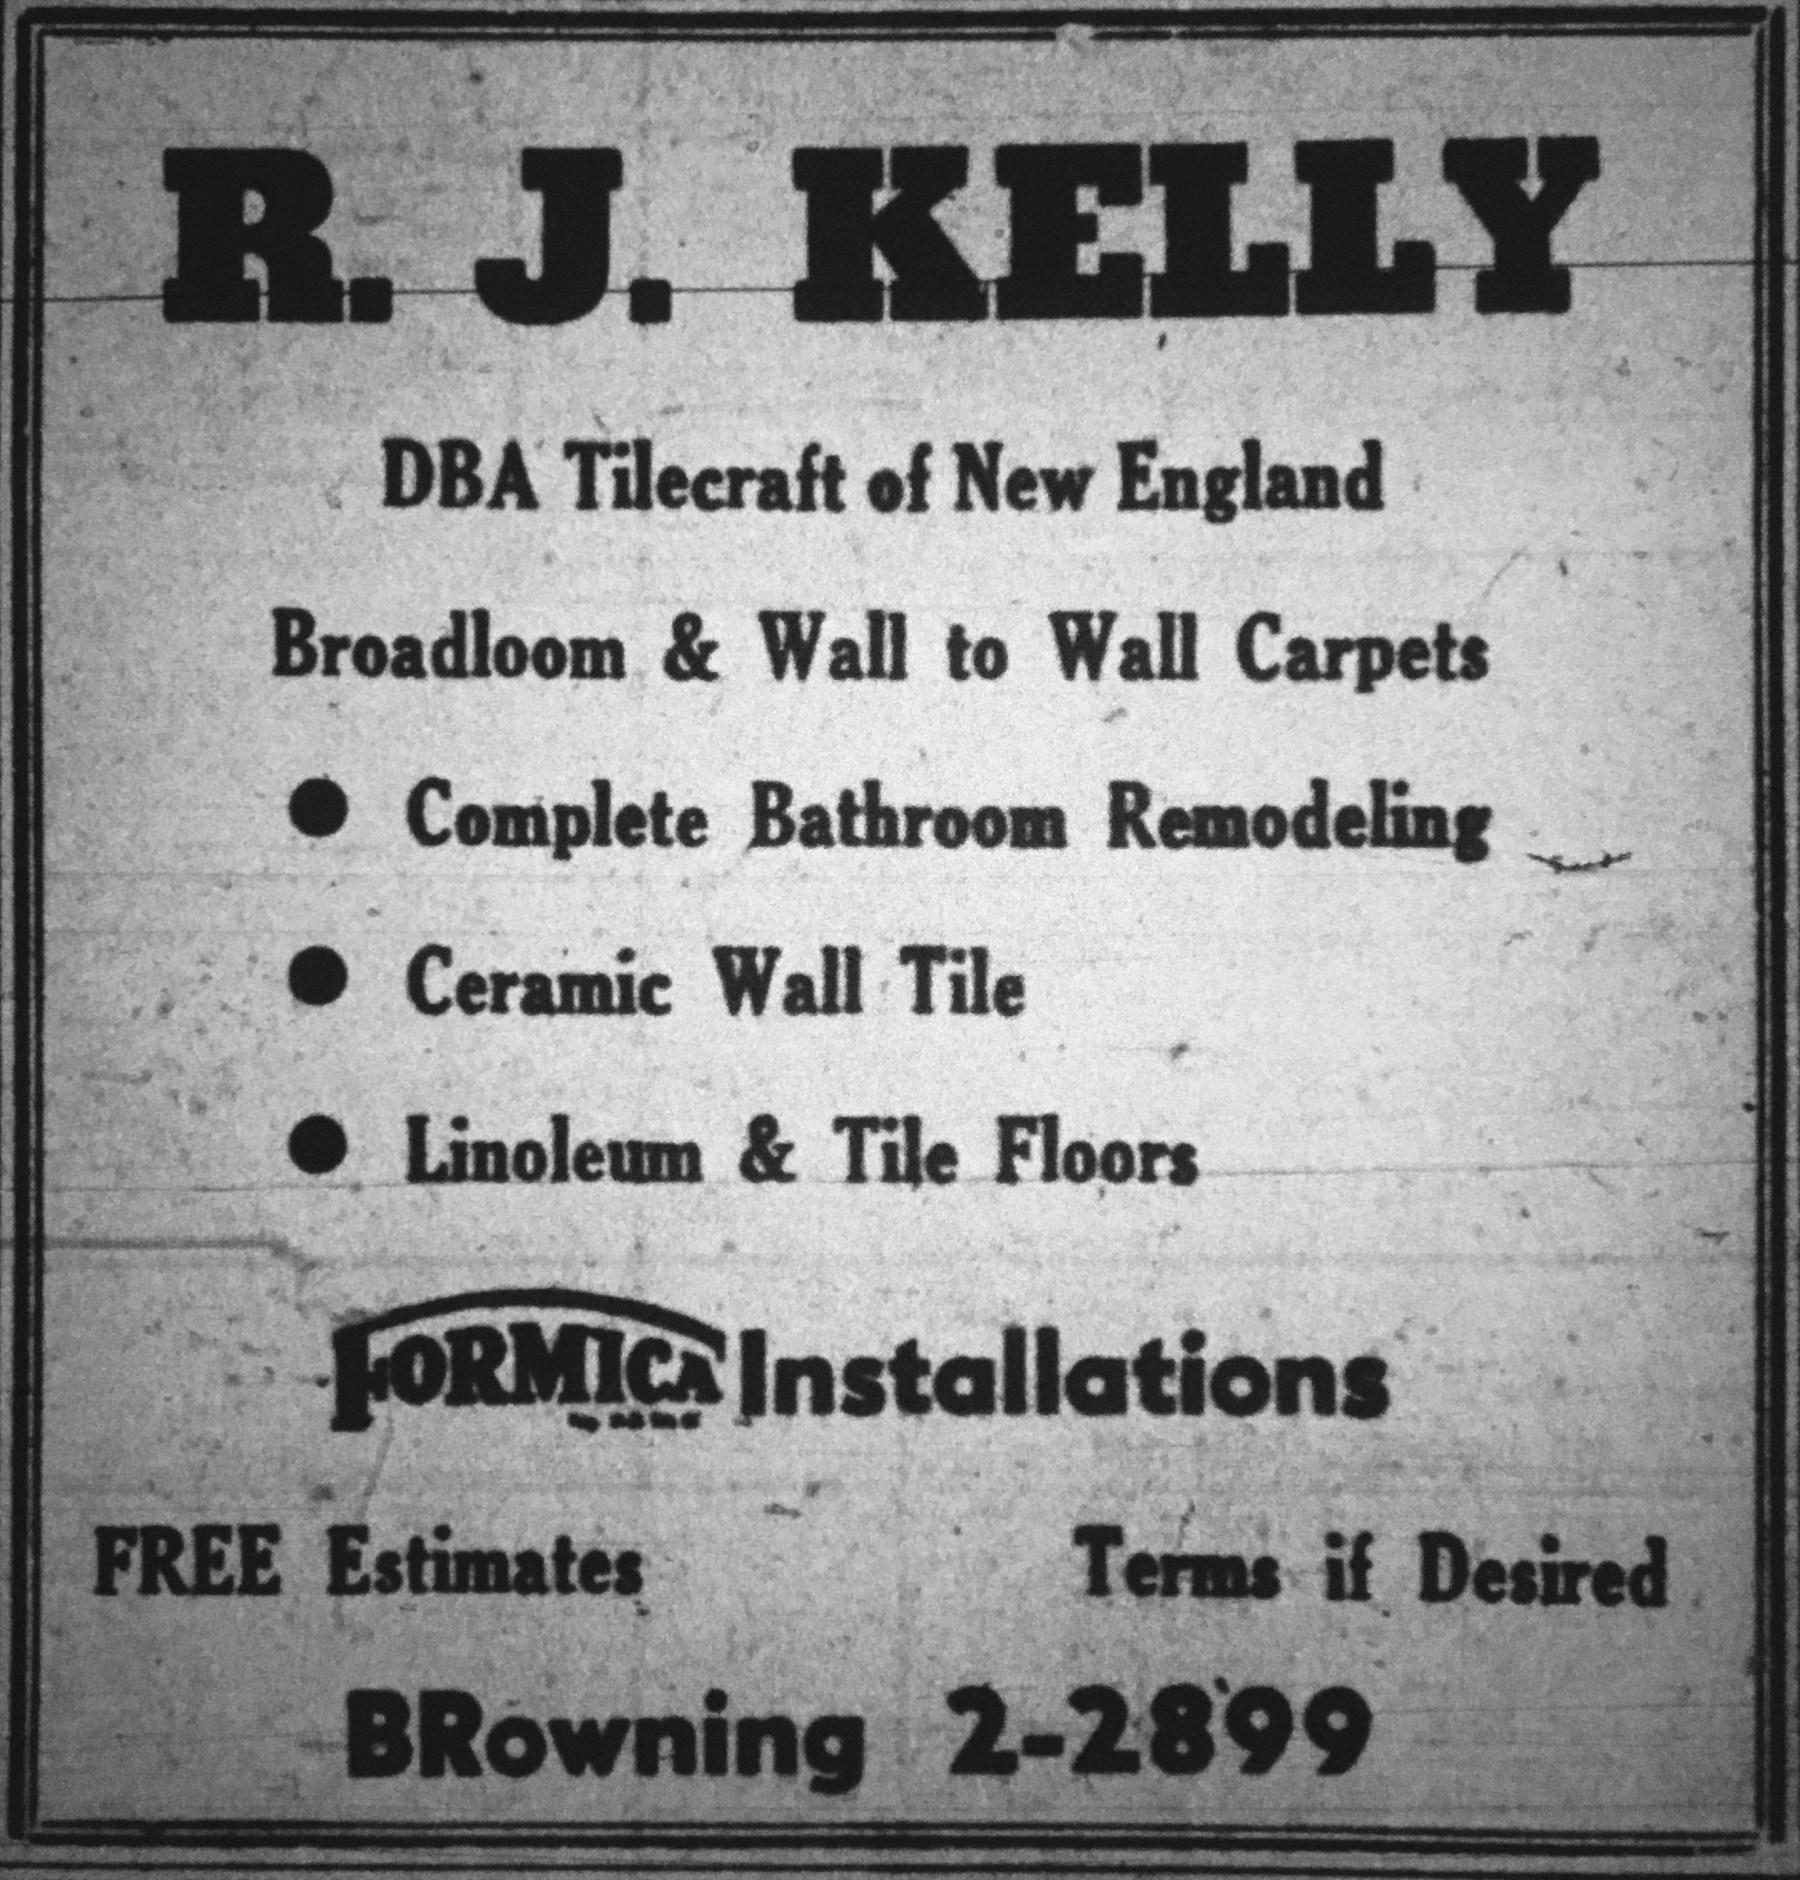 RJ Kelly, Burlington MA